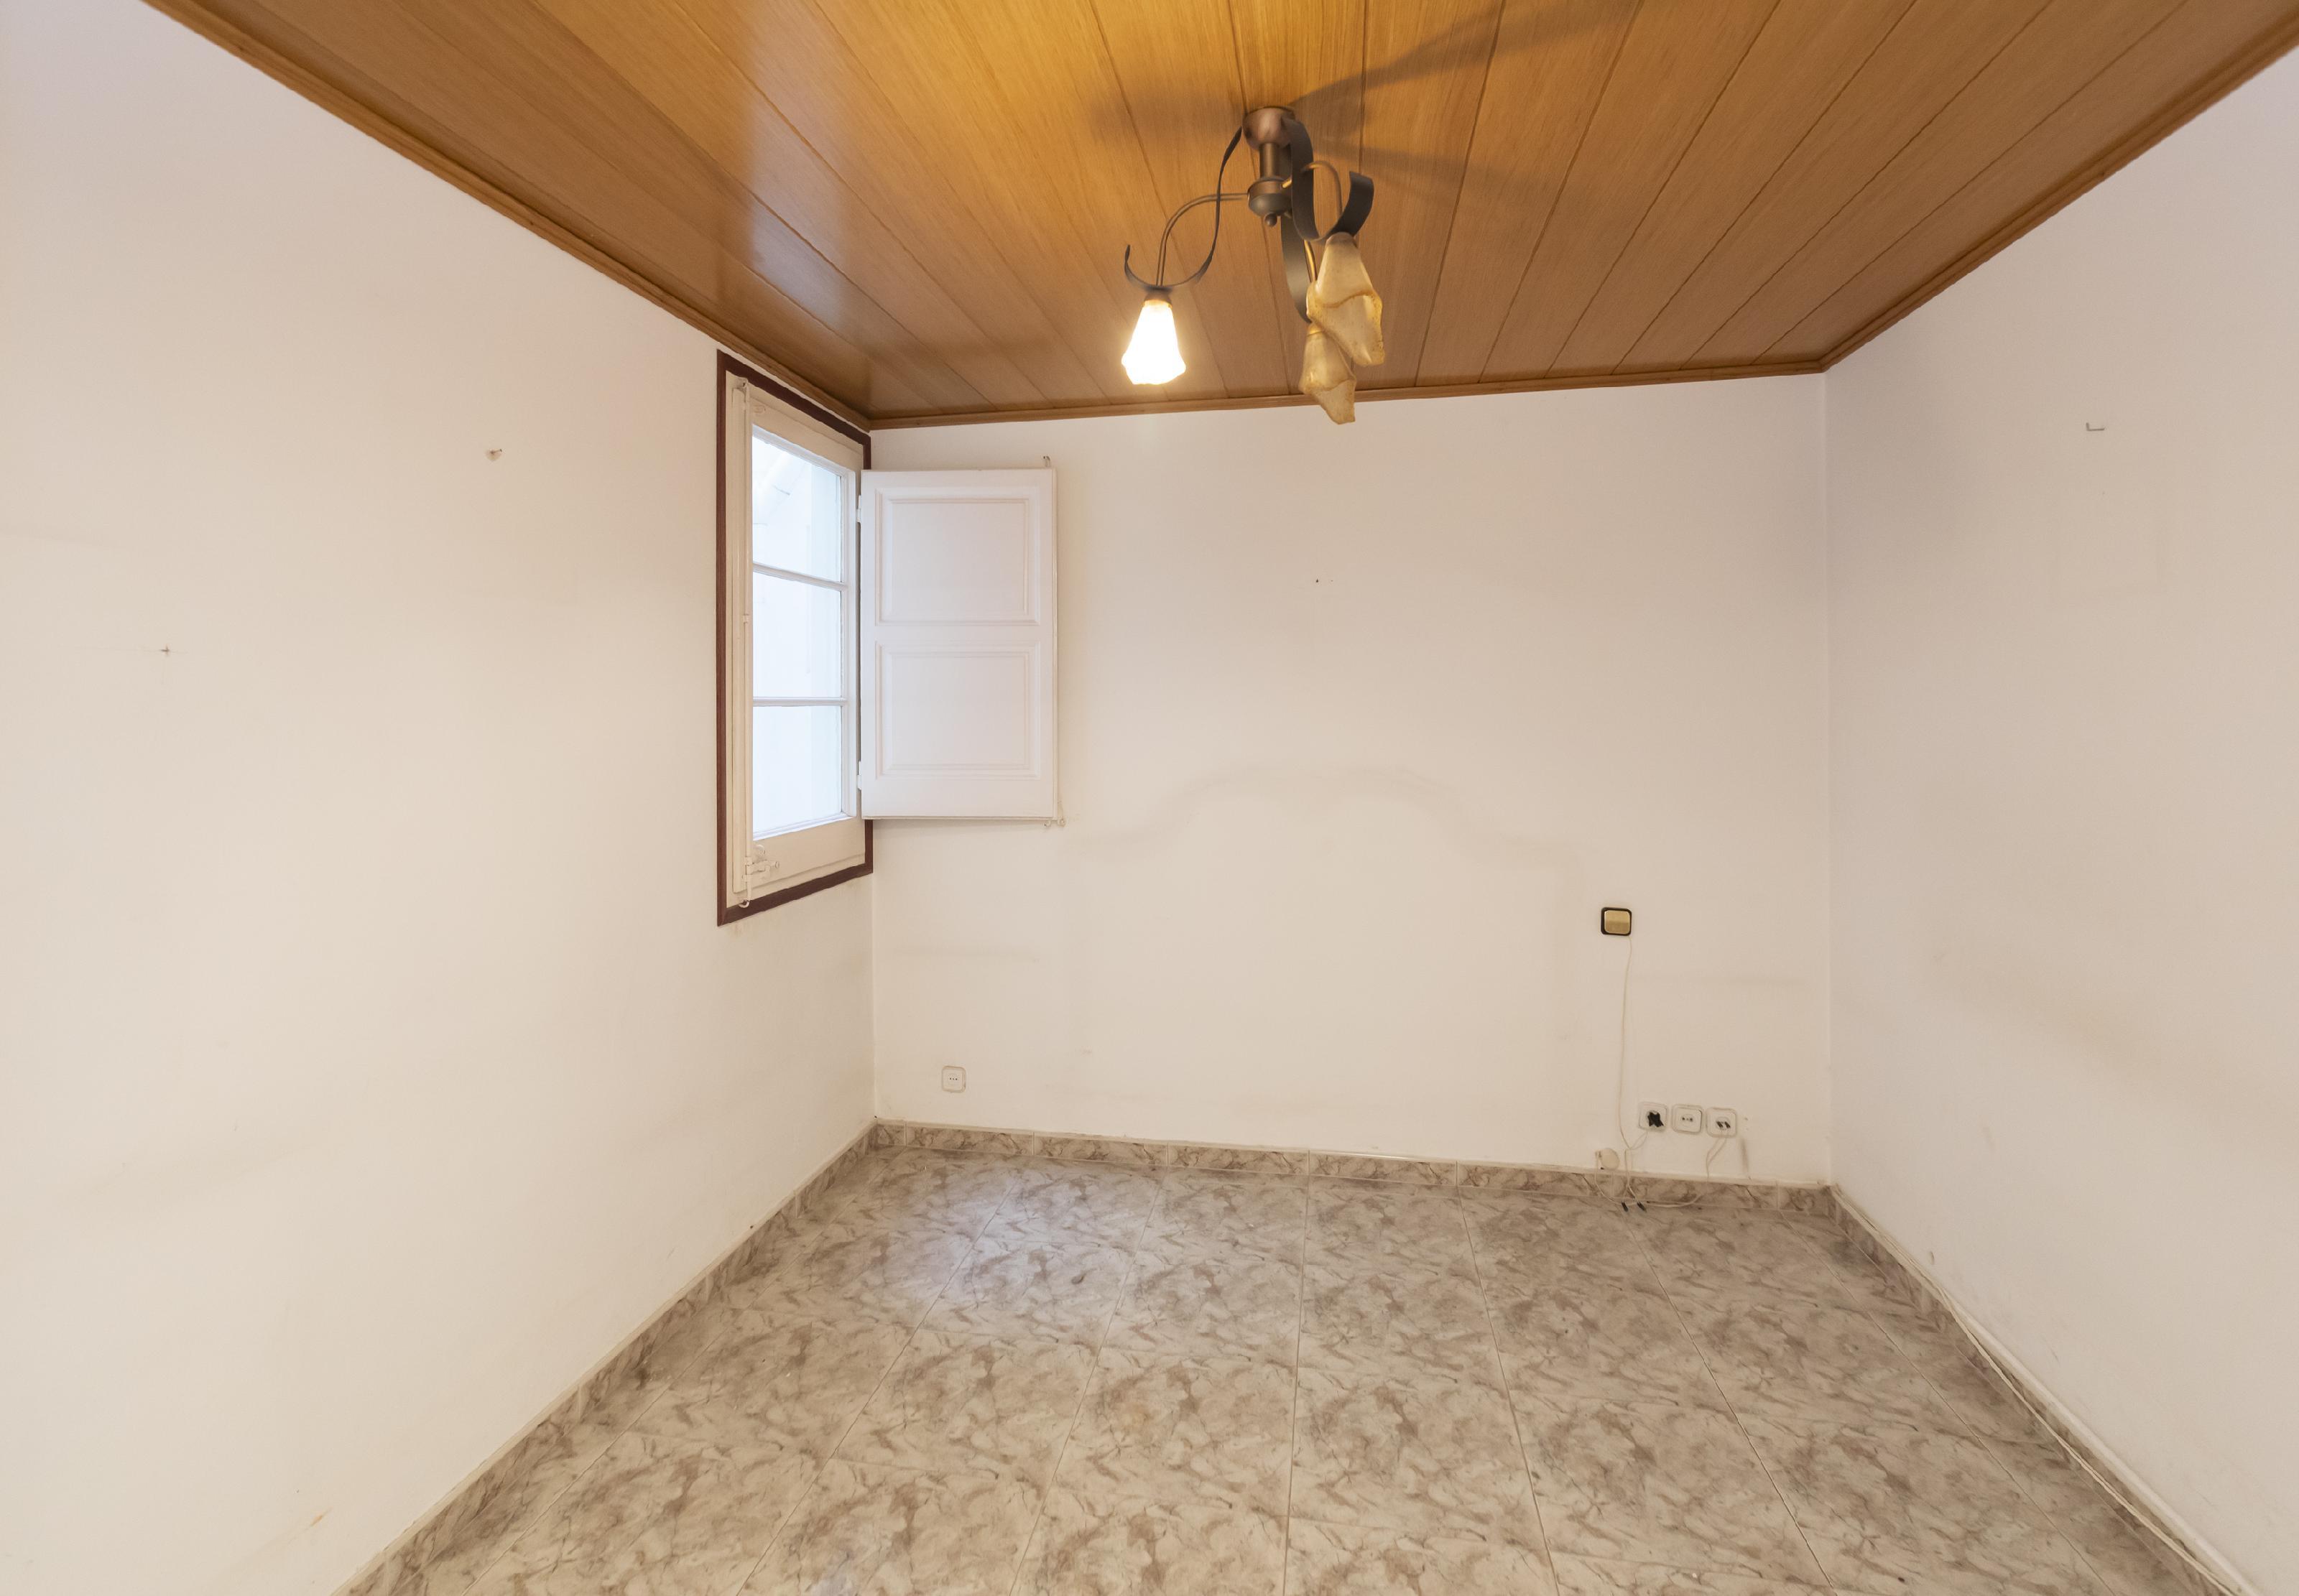 249361 Flat for sale in Eixample, Antiga Esquerre Eixample 17